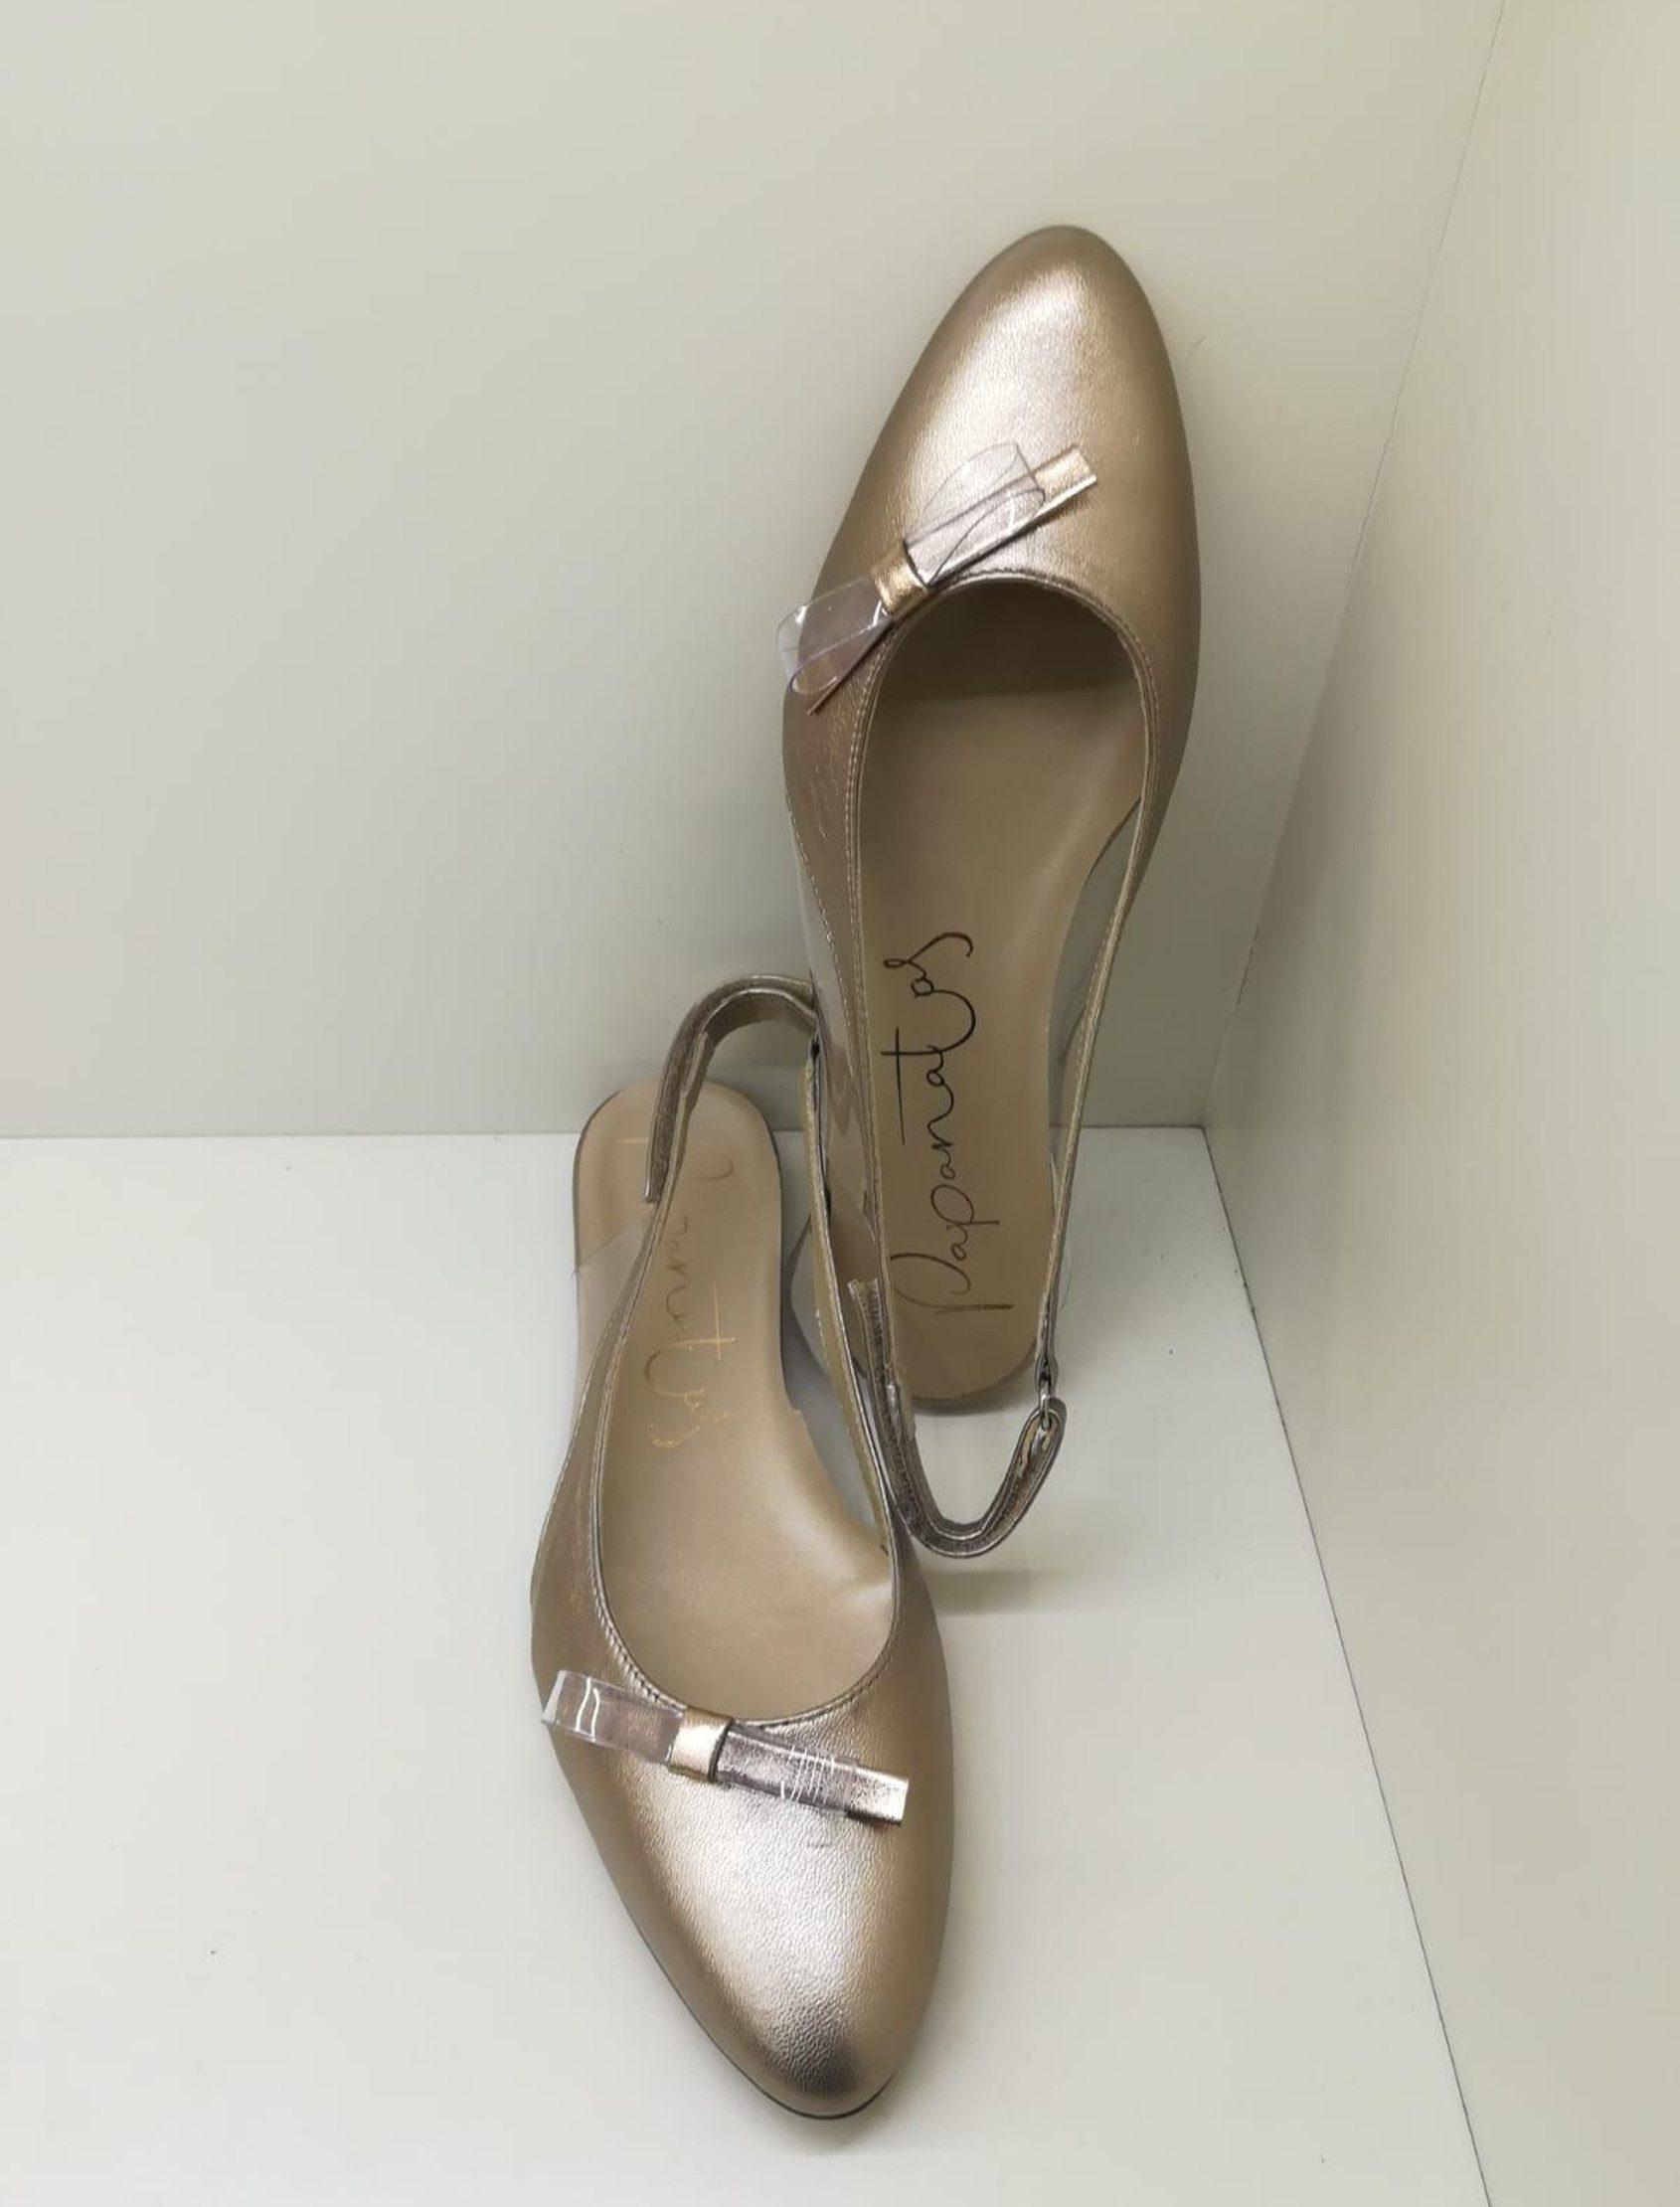 Bailarina metalcris salobreña destalonada en color dorado con lazito delantero lateral. Ajustable con hebilla.